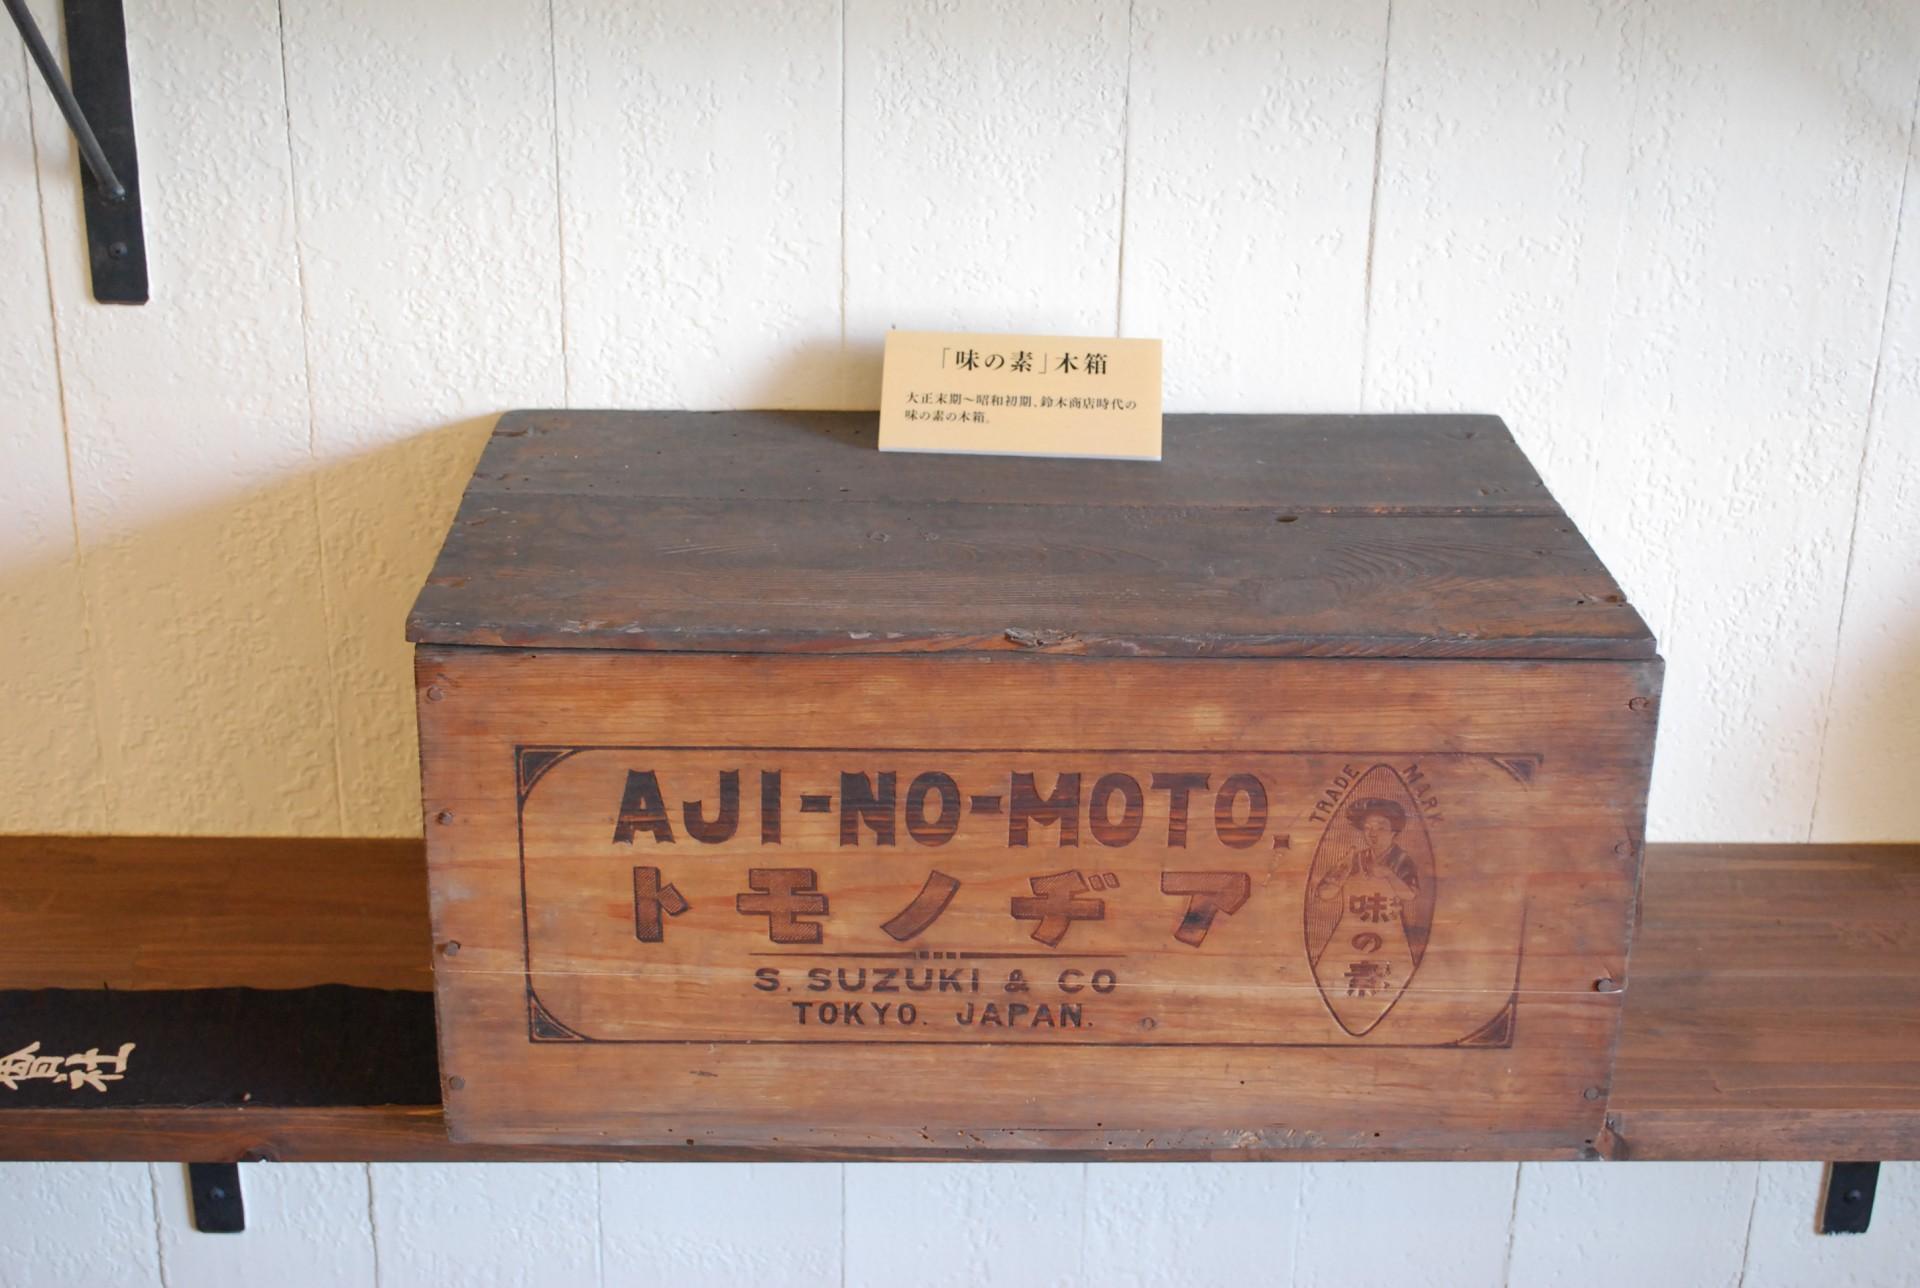 味の素の納品箱。カタカナは右から  読みましょう。